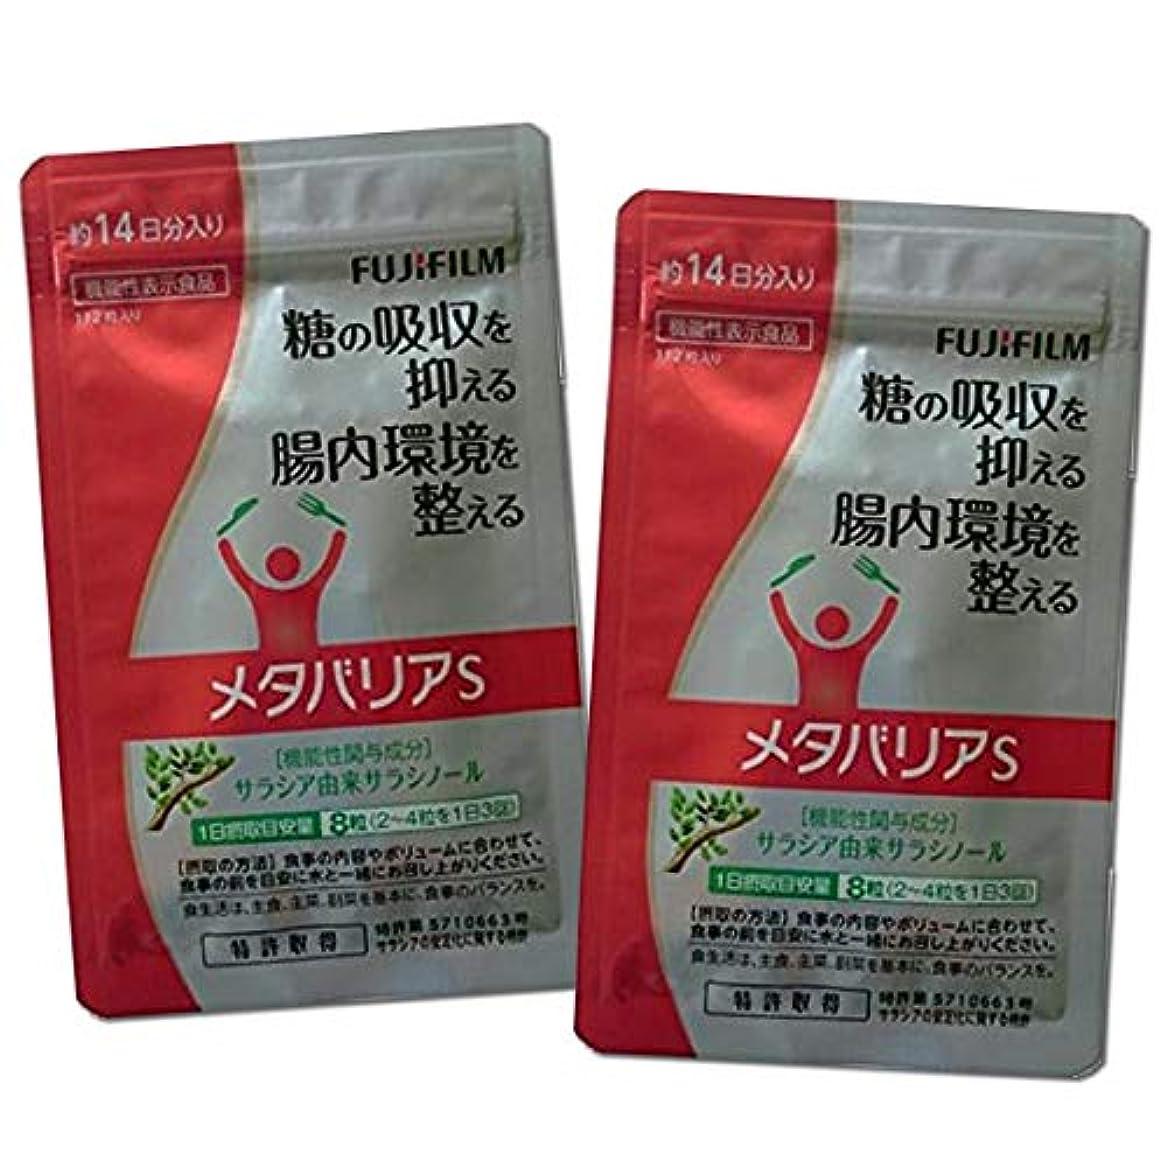 放つ農学悪質なメタバリアS 112粒 × 2袋